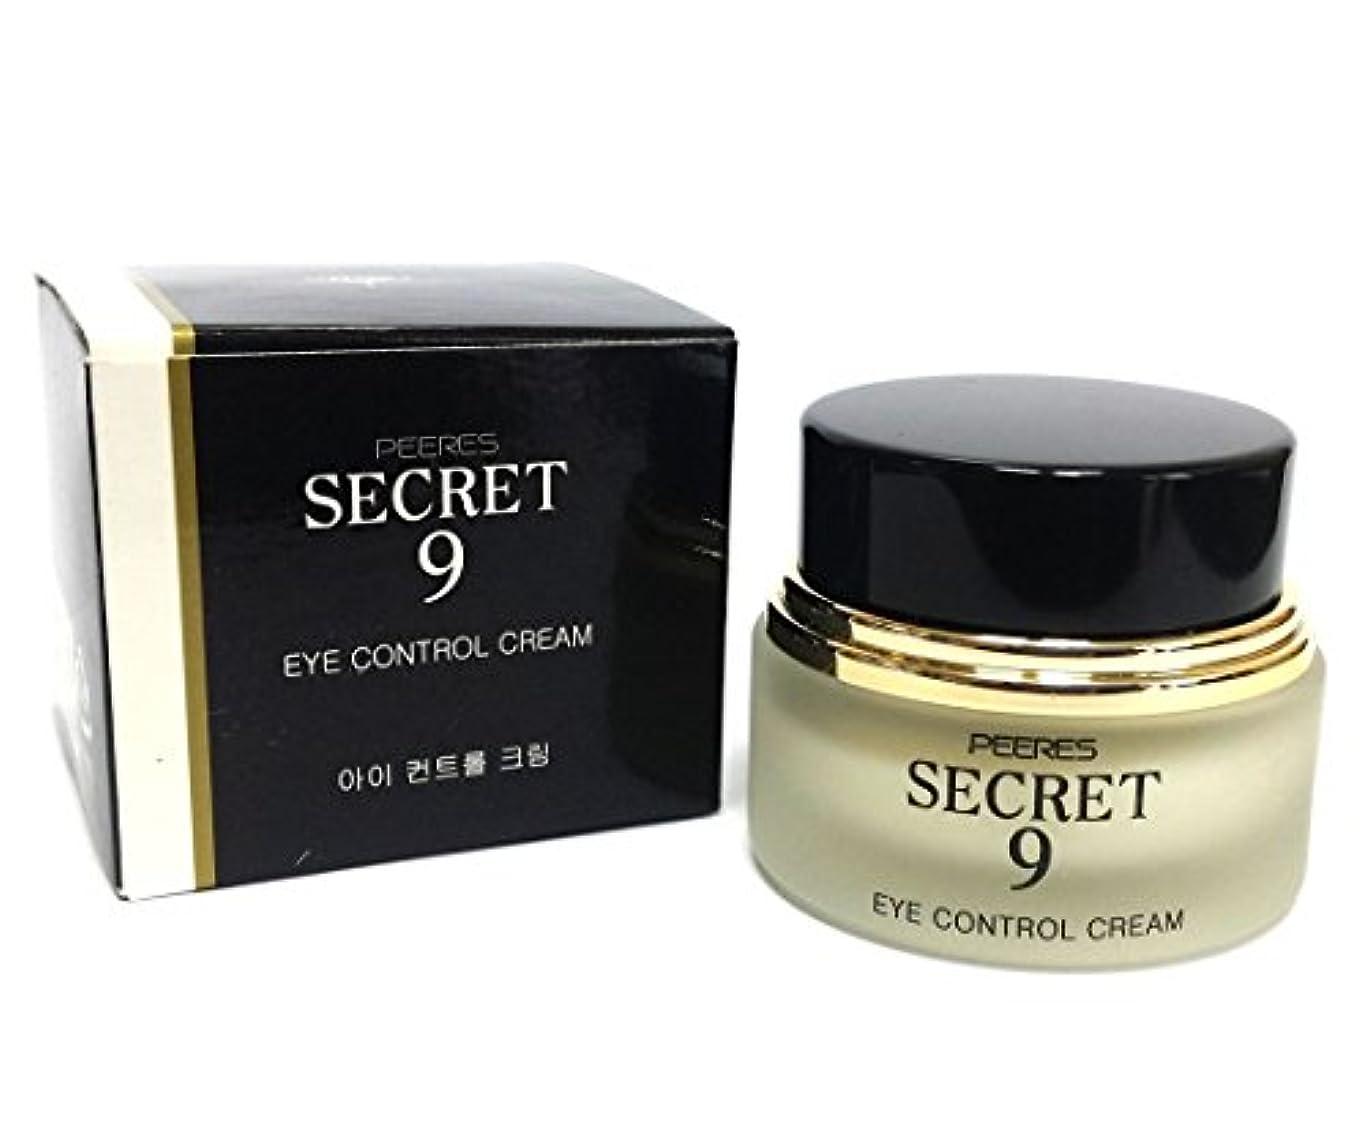 受け入れ十代の若者たち休眠[PEERES] シークレット9アイコントロールクリーム20g / Secret 9 Eye Control Cream 20g / しわ、しっとり、弾力、トリートメント/ anti-wrinkle, moisturizes, elasticity, Treatment / 韓国化粧品 / Korean Cosmetics [並行輸入品]